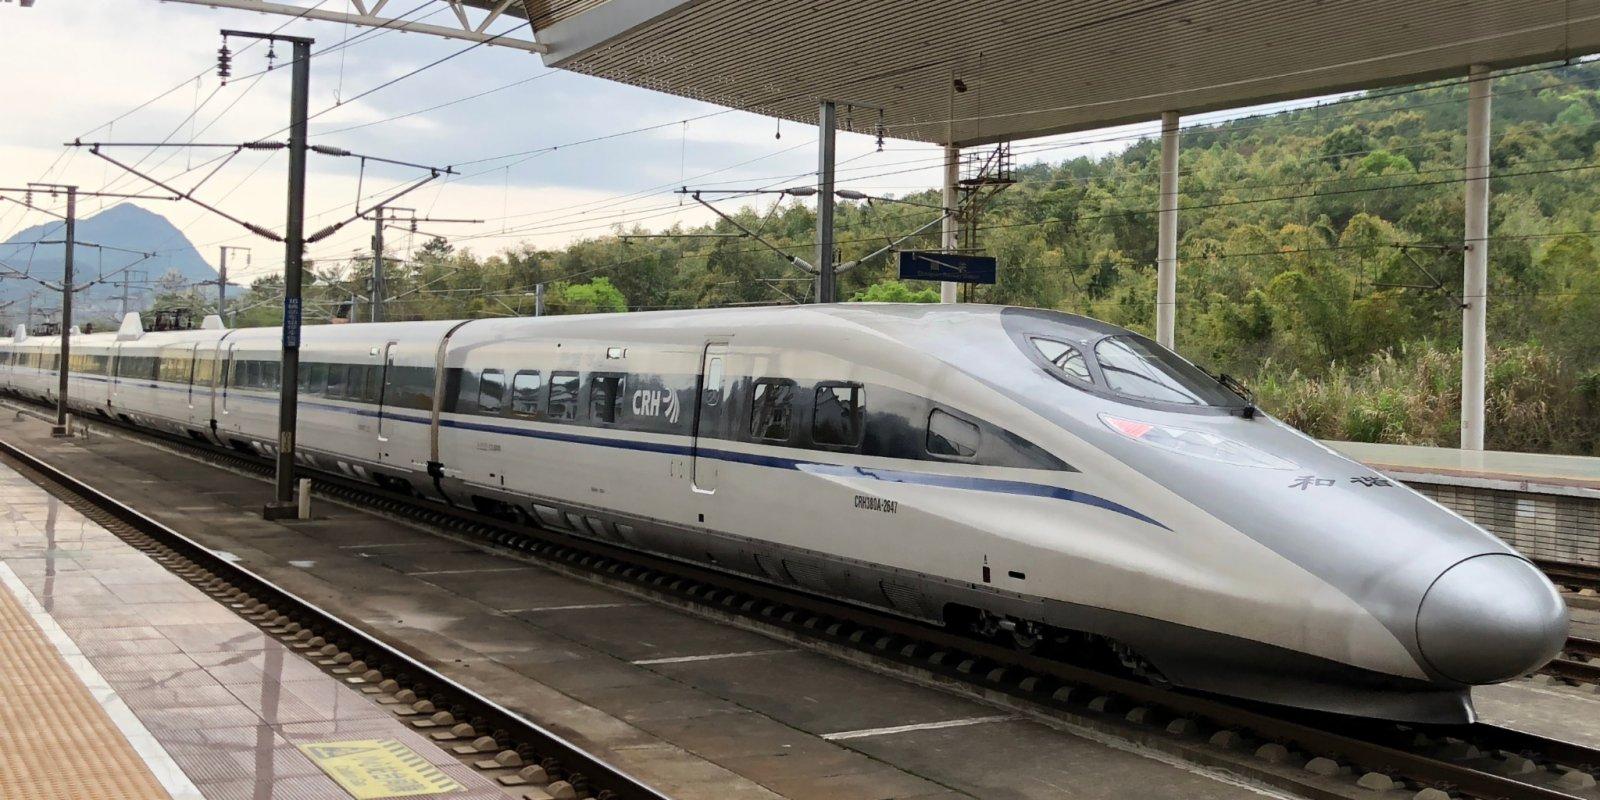 「港深西部快軌」研究推進 擬連通香港與前海